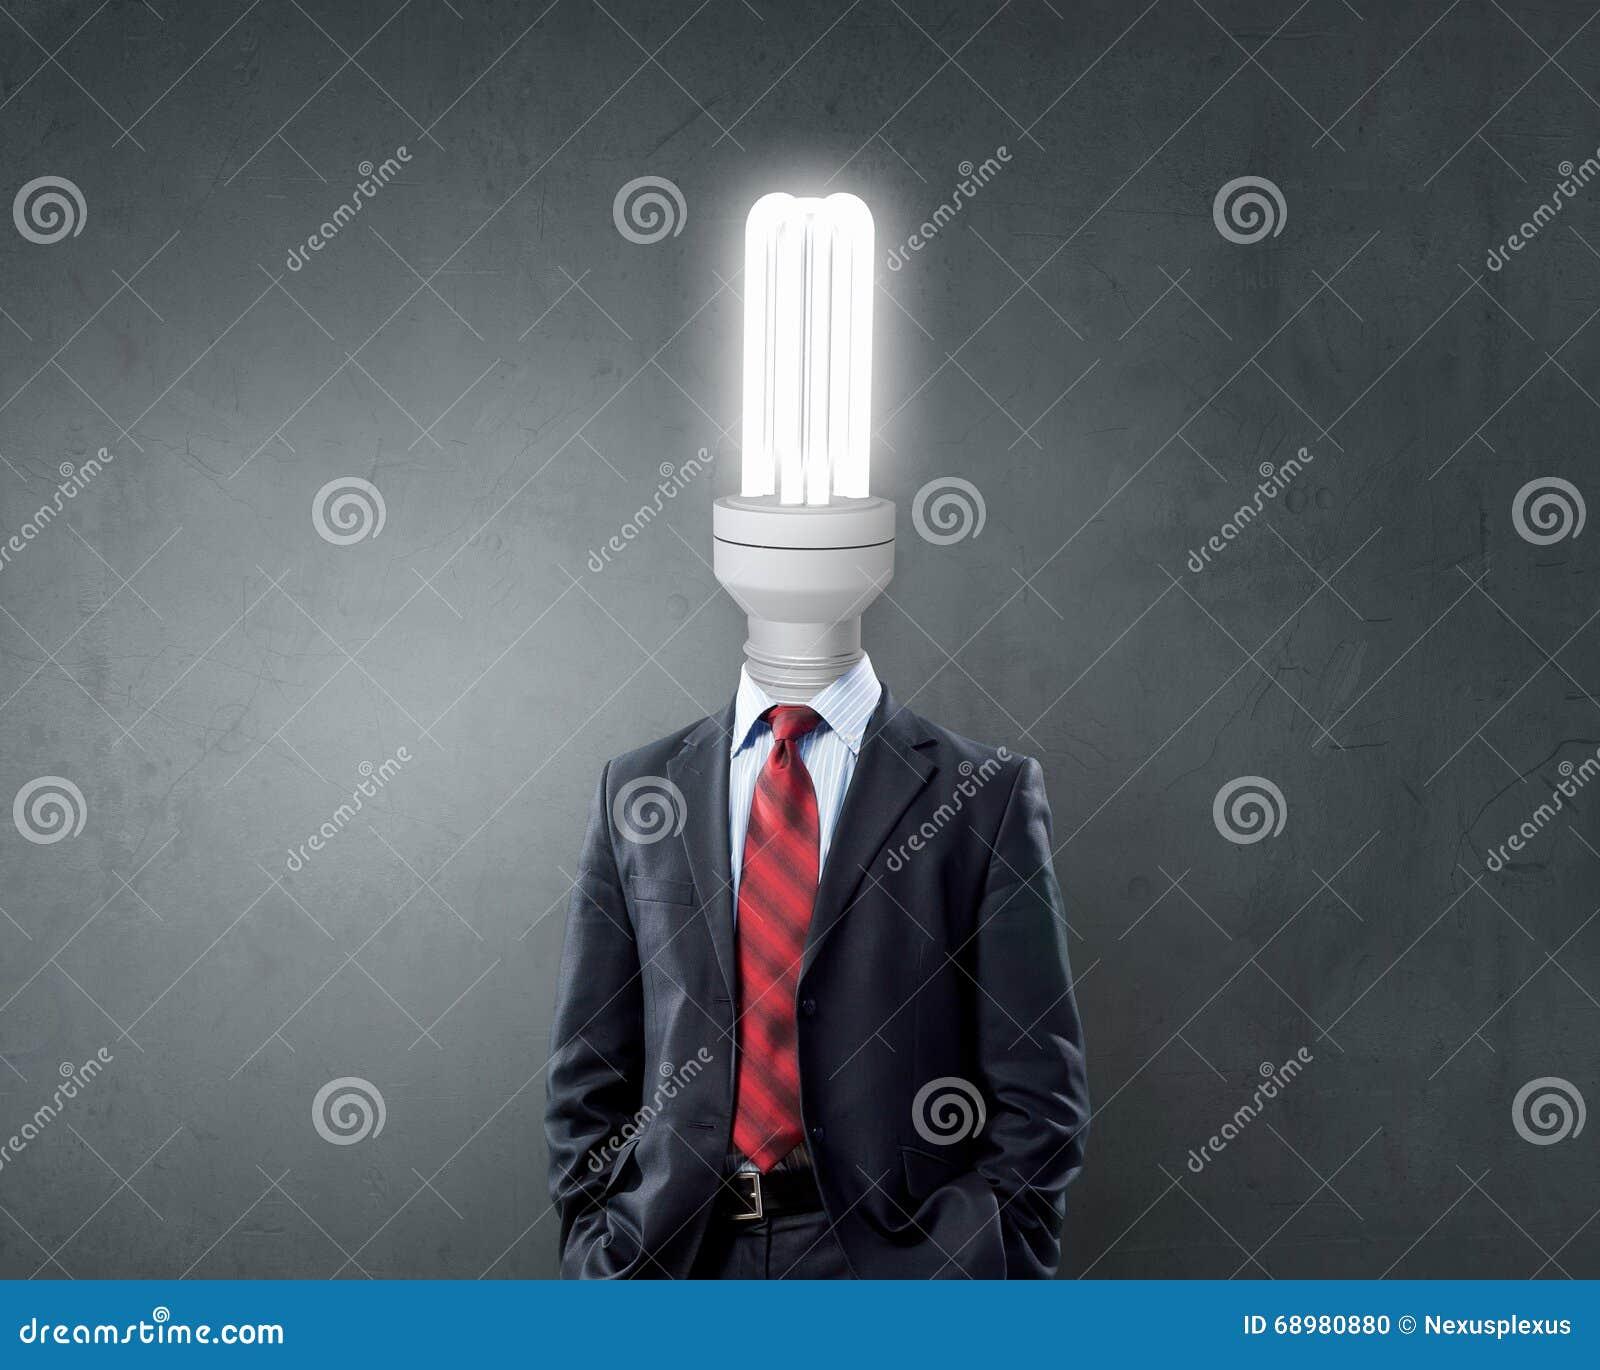 El suyo principal por completo de grandes ideas